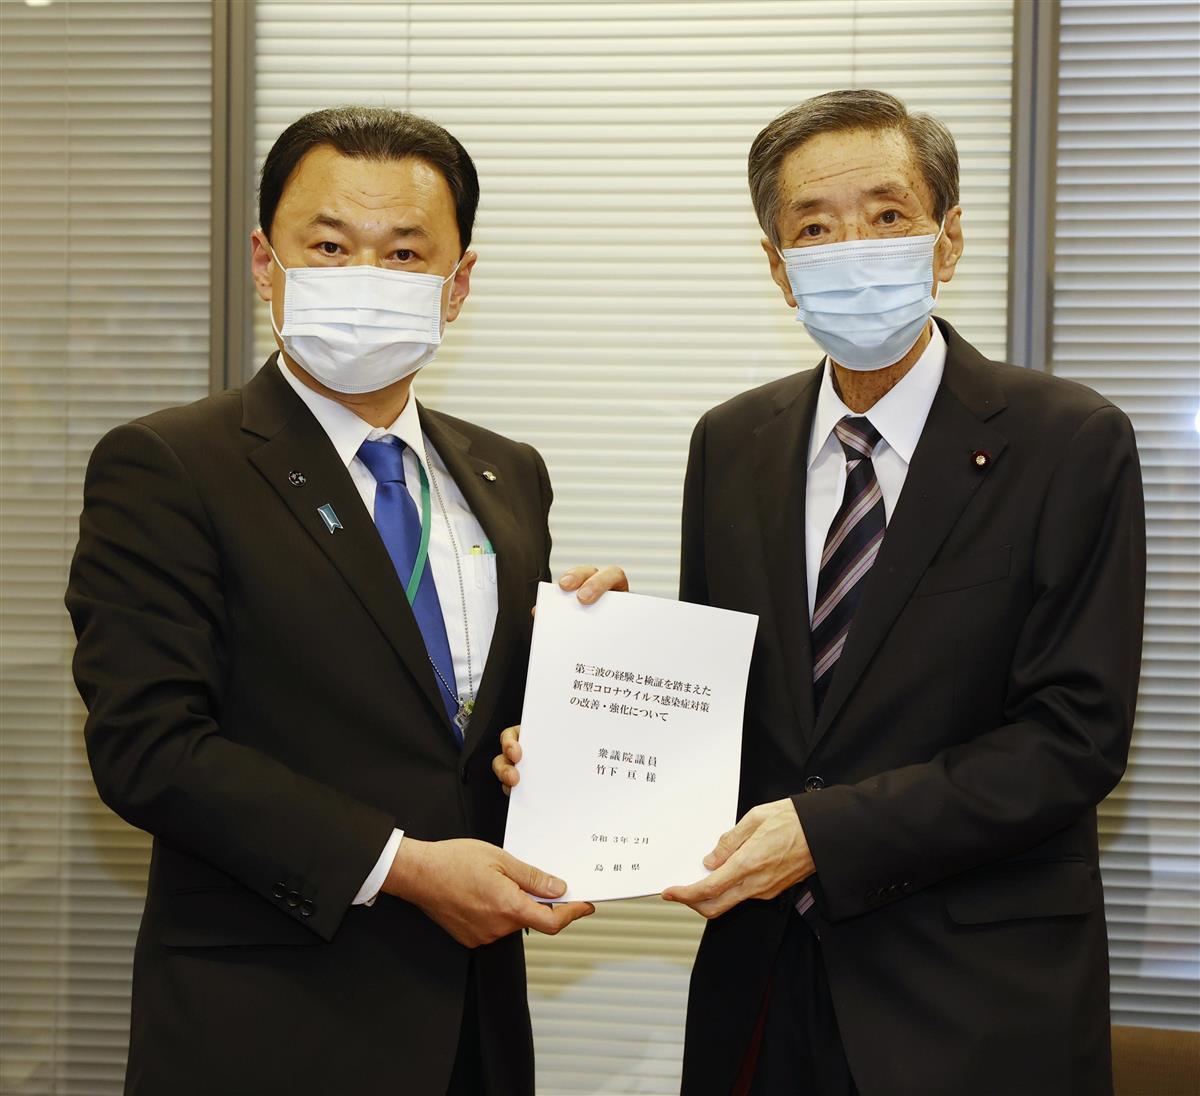 自民・竹下氏、島根県知事と面会「聖火リレーは知事が決めること…